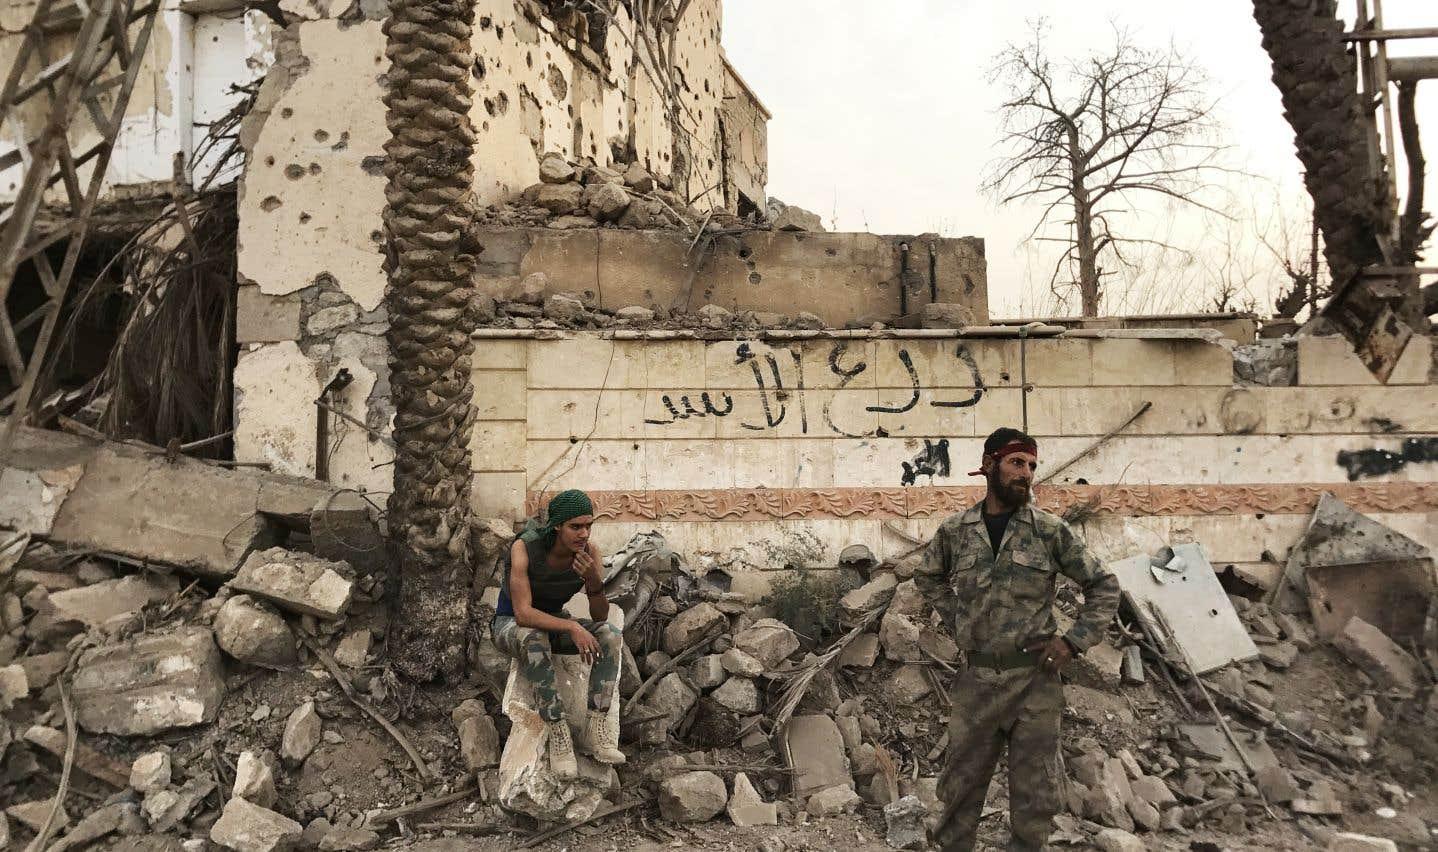 Les raids aériens, menés à l'aube, ont visé le village d'Al-Chafah, sur la rive est du fleuve Euphrate, dans la province de Deir Ezzor.